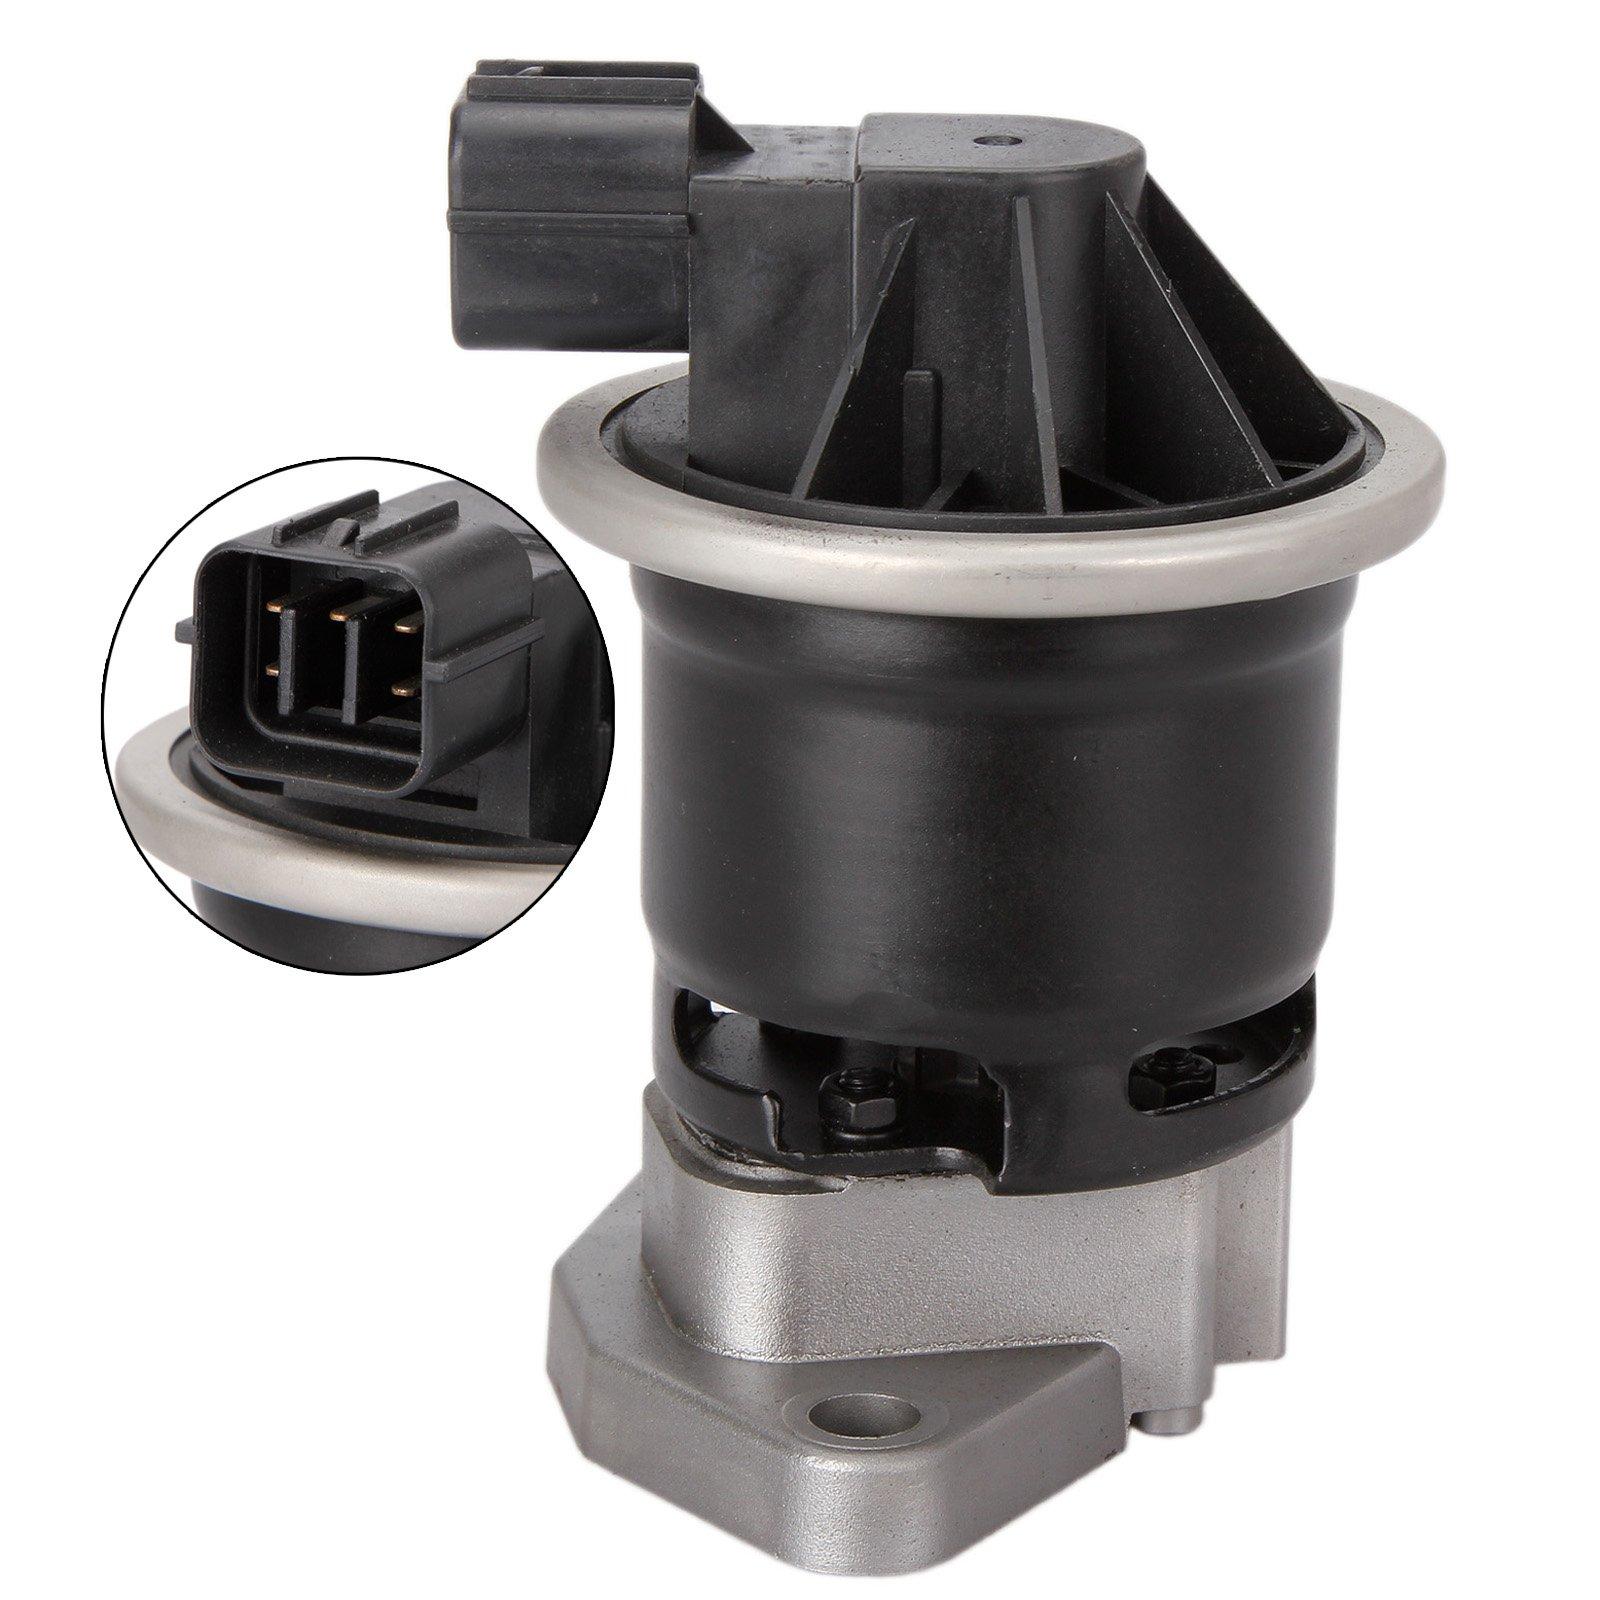 Dromedary EGV658 EGR Valve Exhaust Gas Recirculation For Honda Accord 98-06 Odyssey 99-02